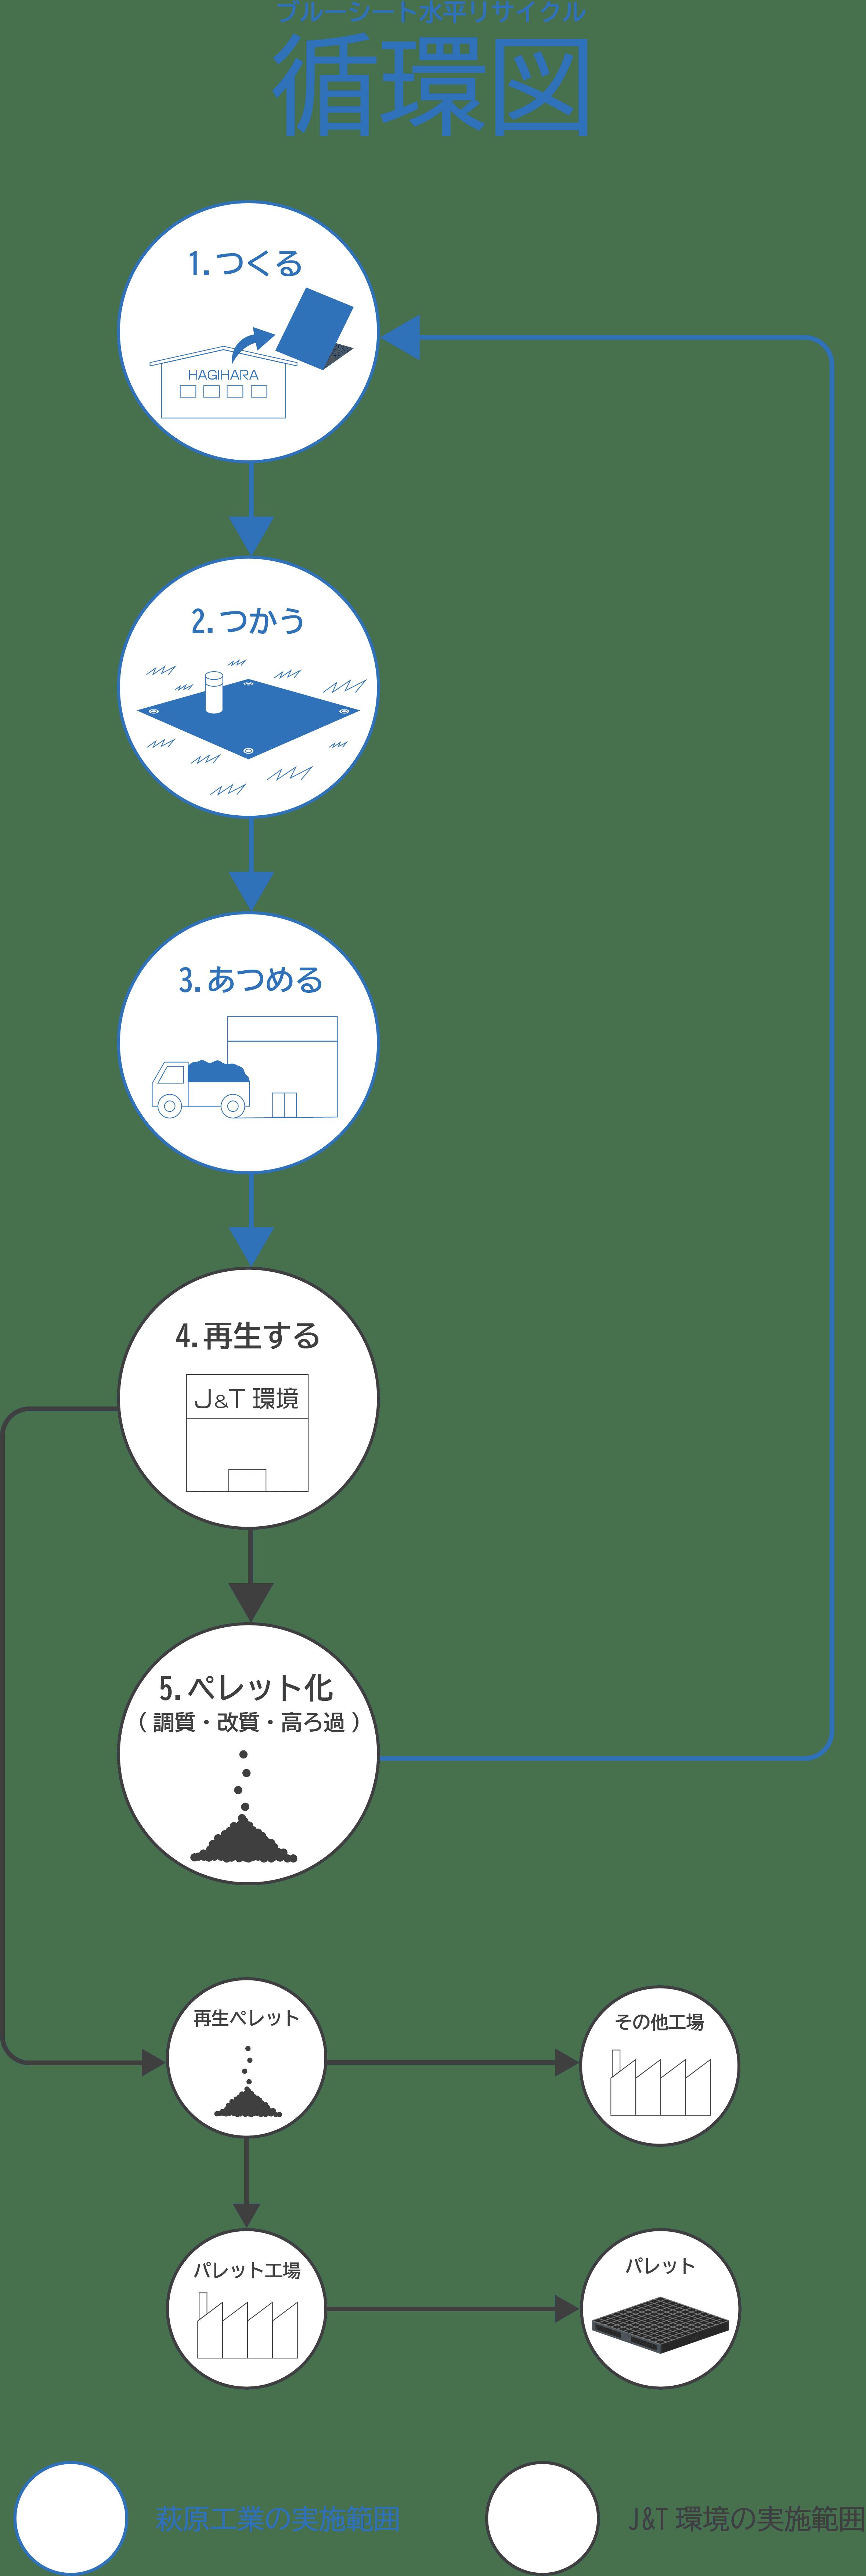 画像:Revalue+の水平リサイクル循環を表す図形